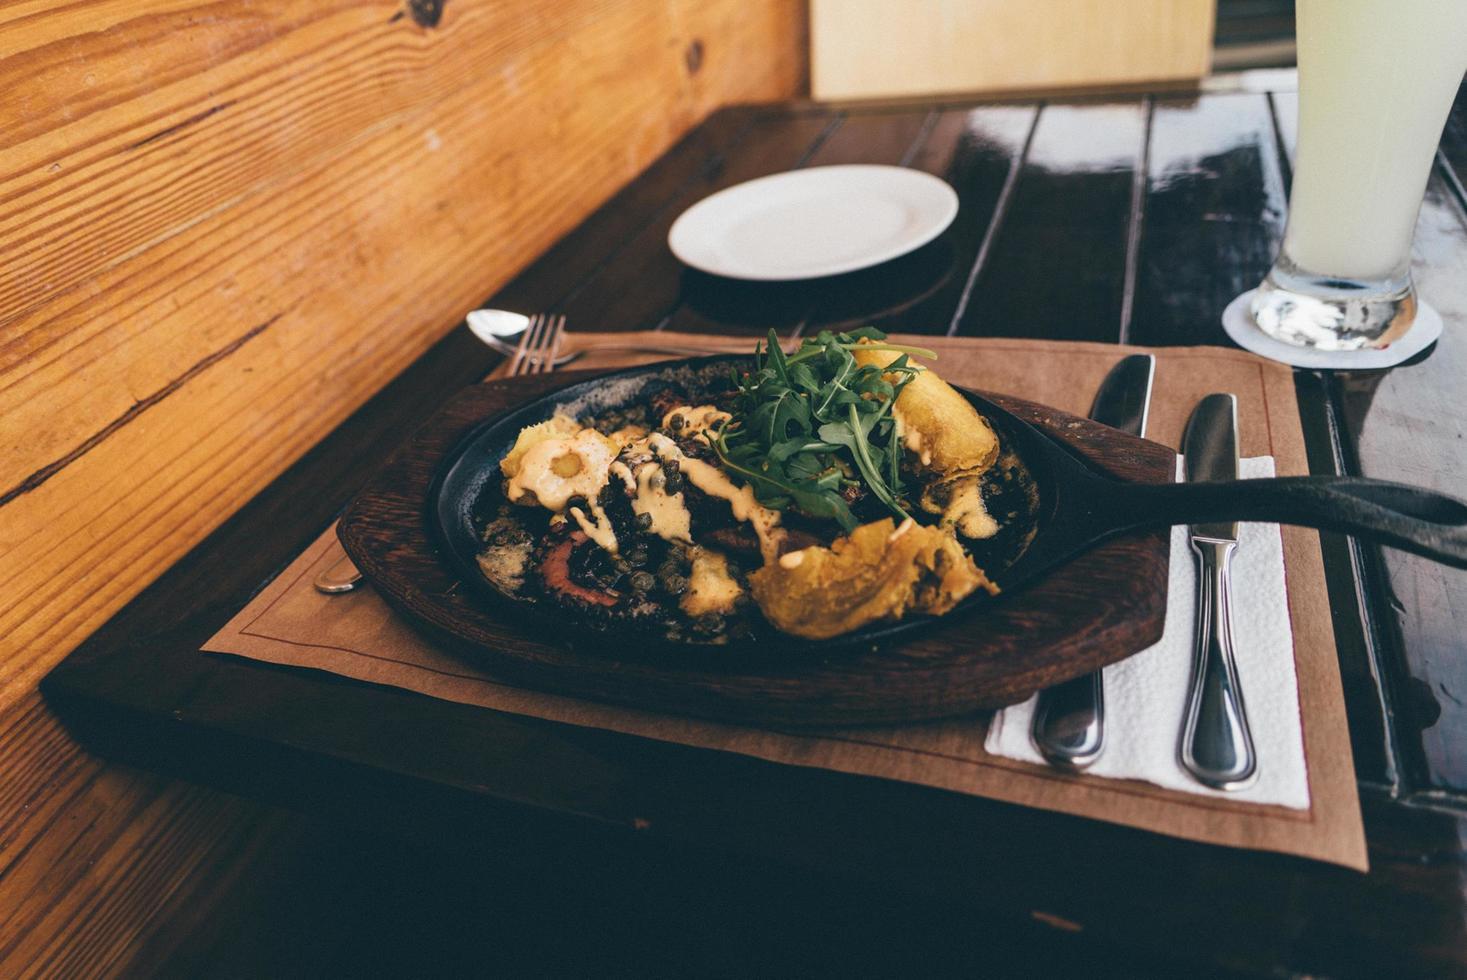 comida em cima do fogão foto